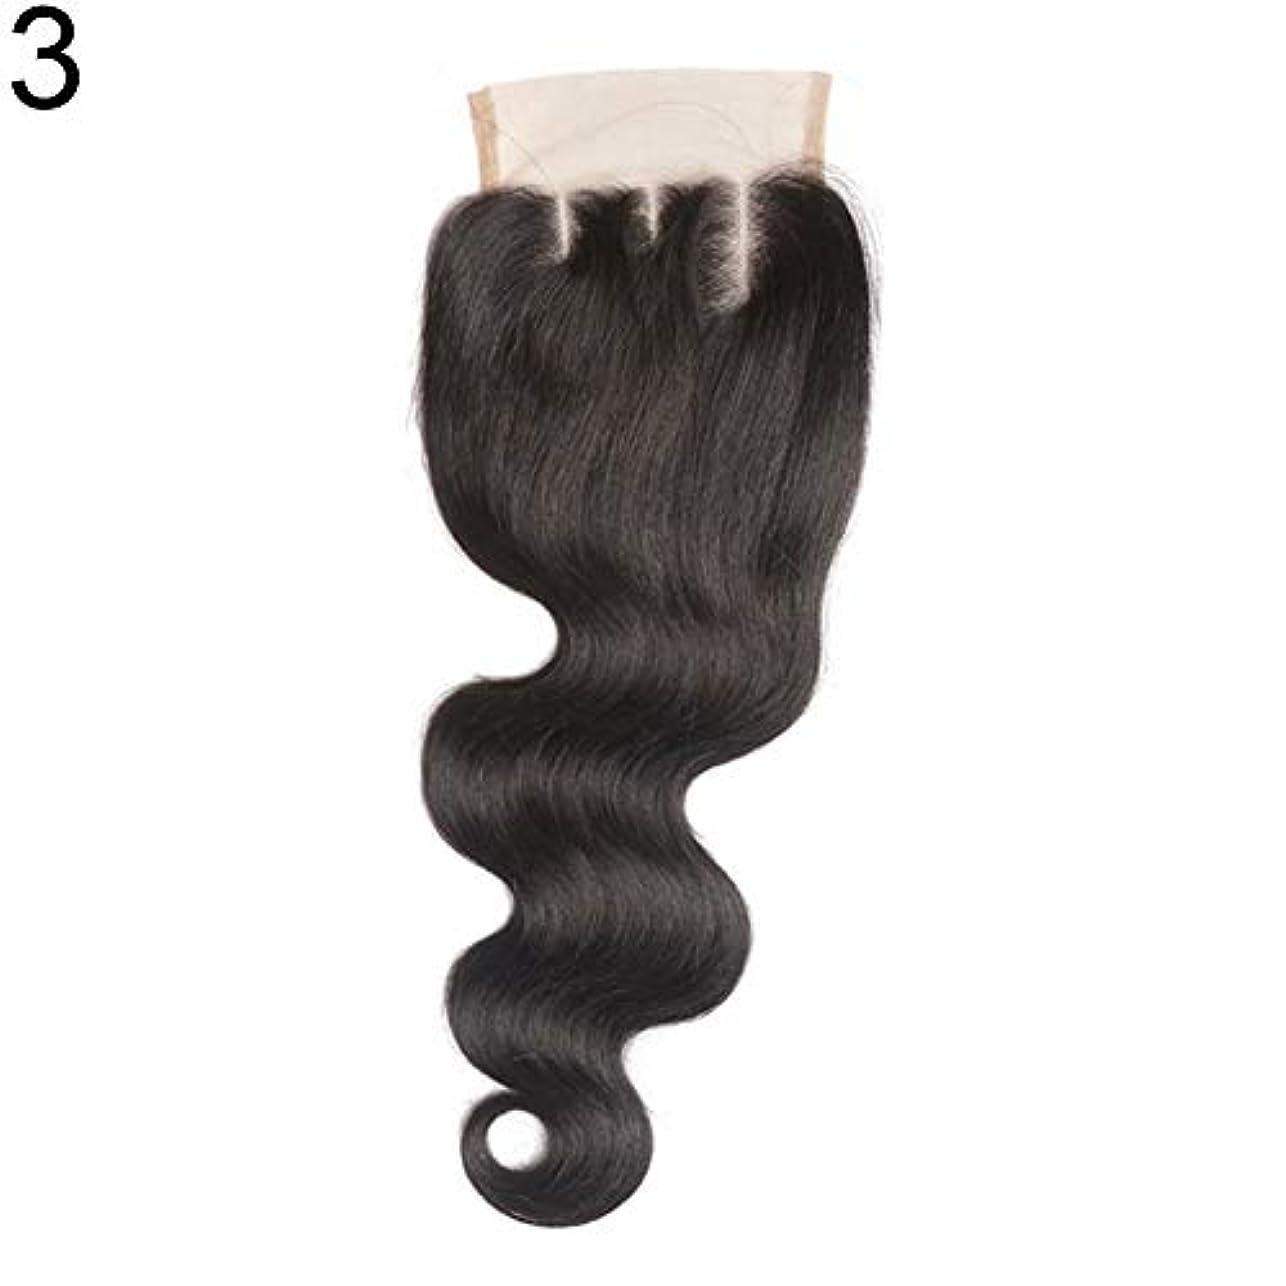 ビジネス明らかに関連するslQinjiansav女性ウィッグ修理ツールブラジルのミドル/フリー/3部人間の髪のレース閉鎖ウィッグ黒ヘアピース